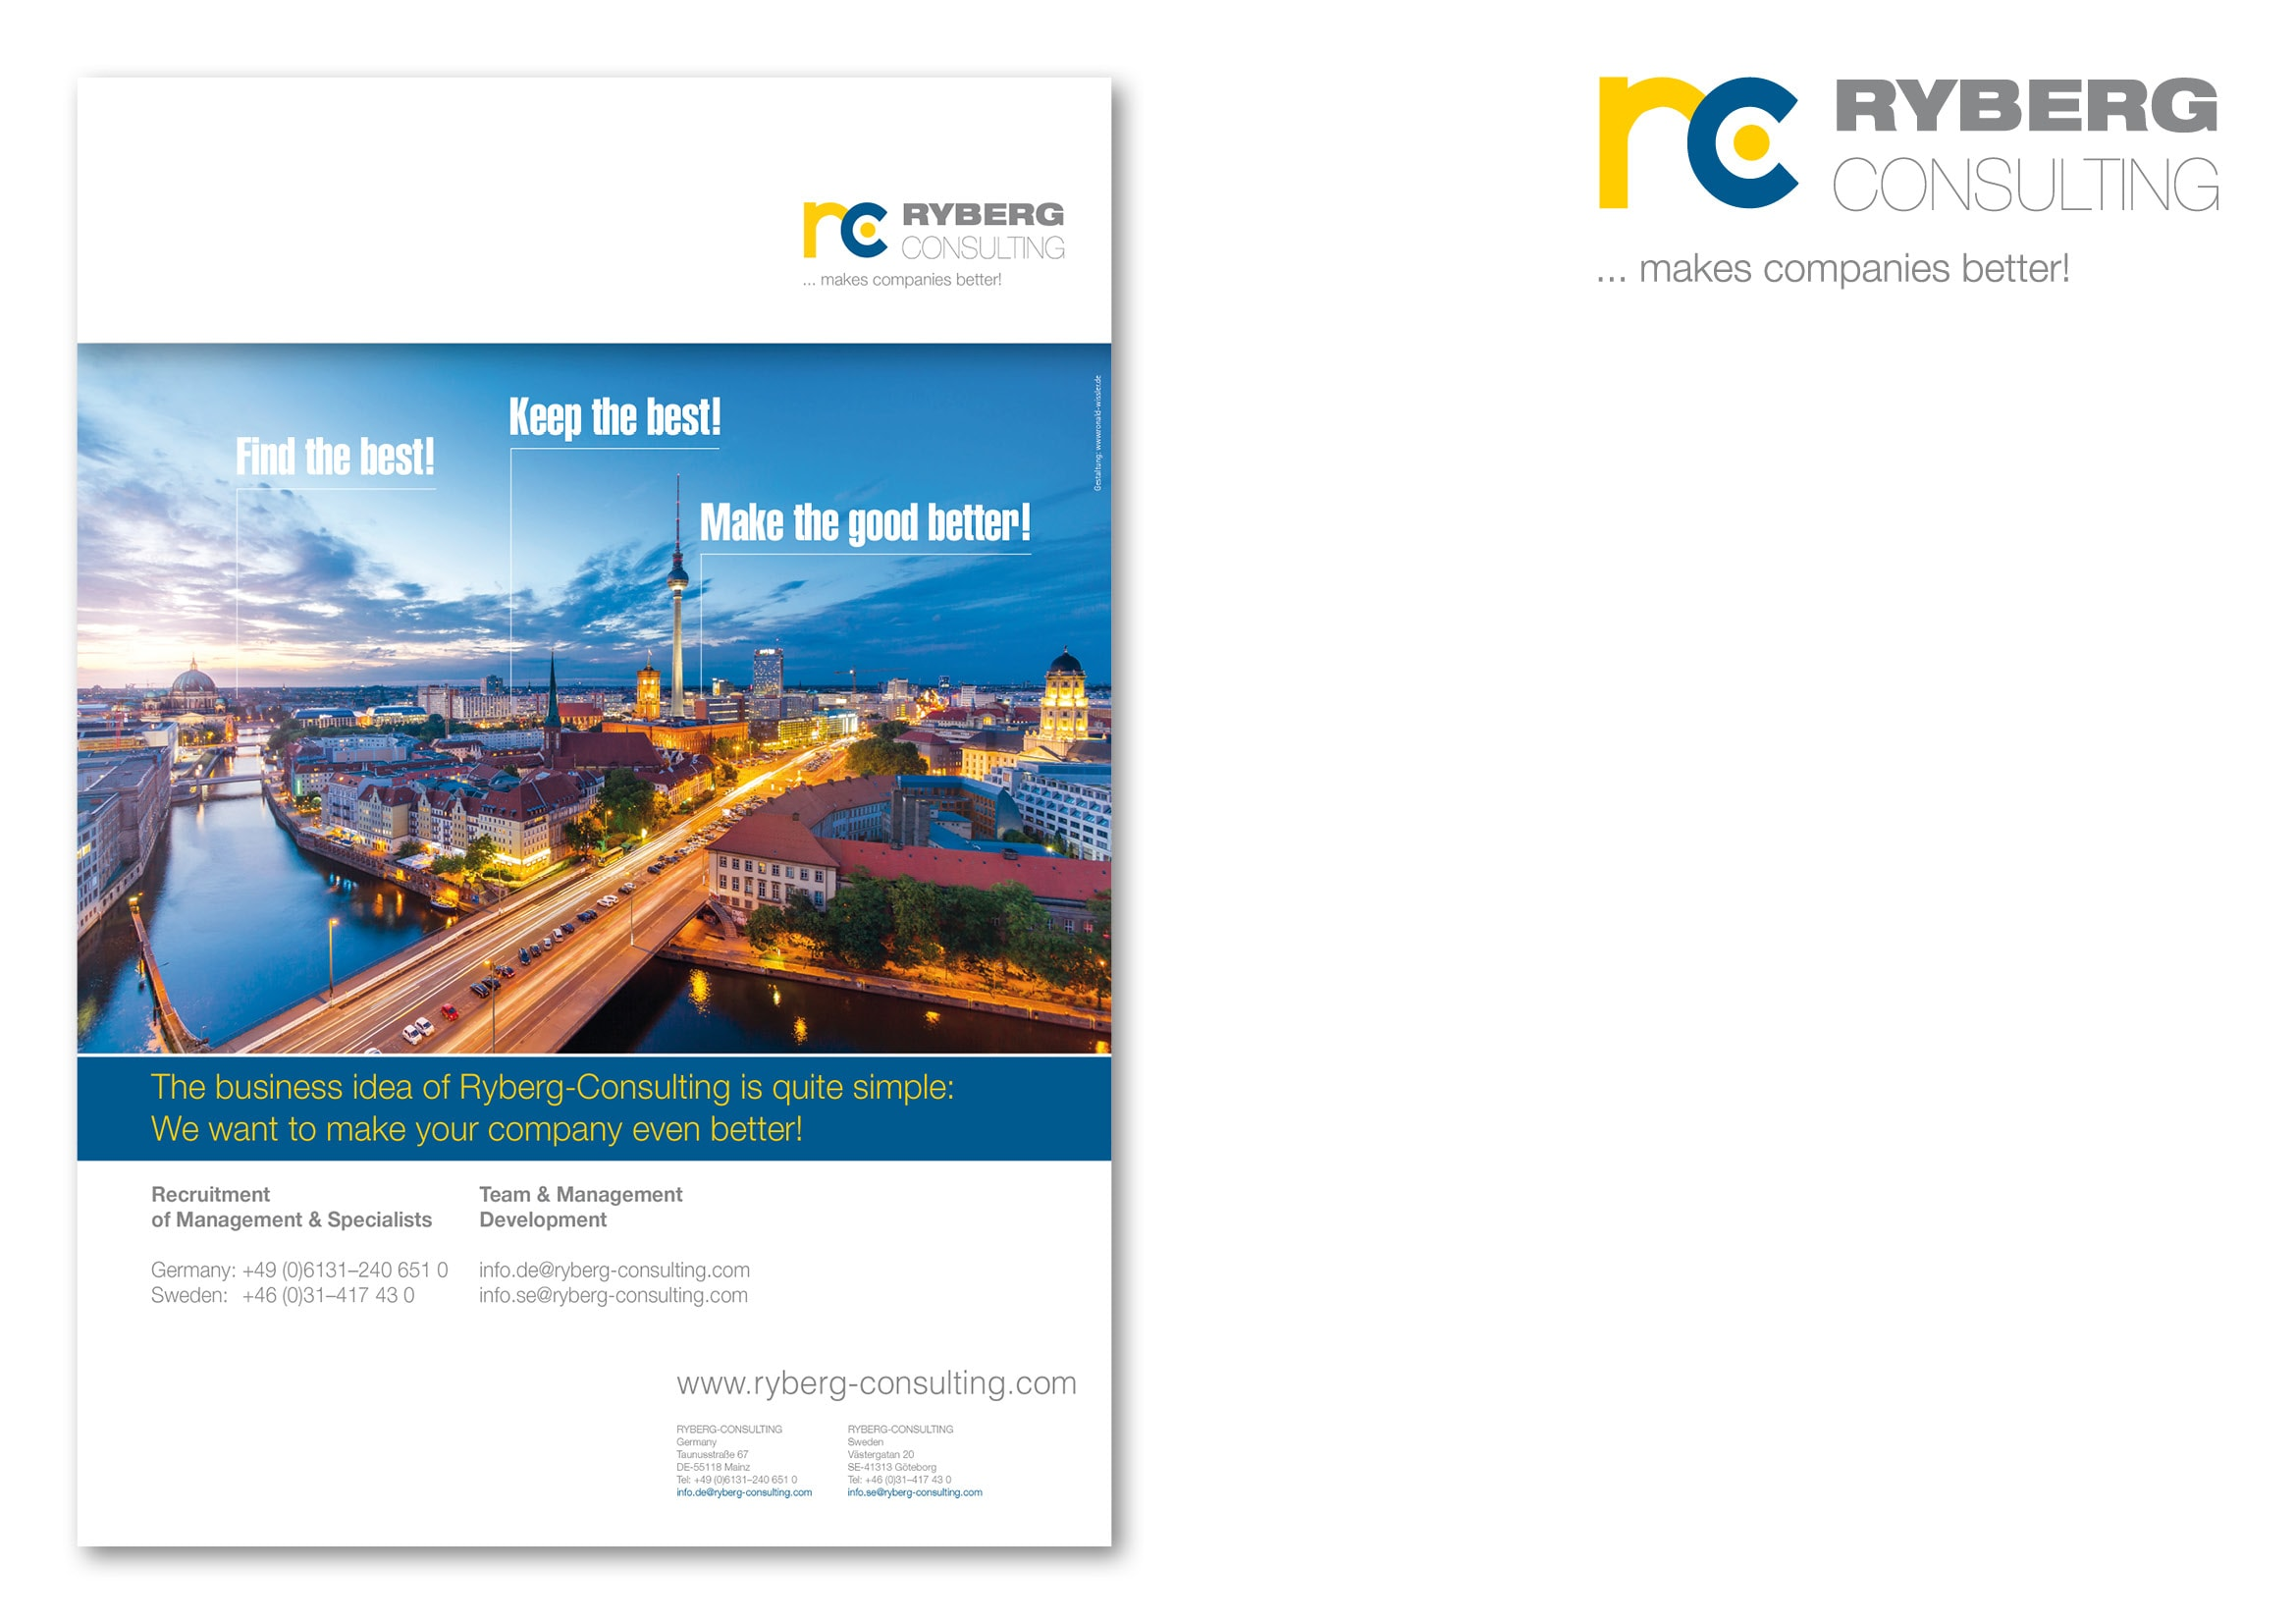 """Entwicklung Anzeigenmotiv Berlin für die Anzeigenkampagne """"Find the Best!"""" für die Personalberatung Ryberg Consulting durch Grafik-Designer Ronald Wissler"""